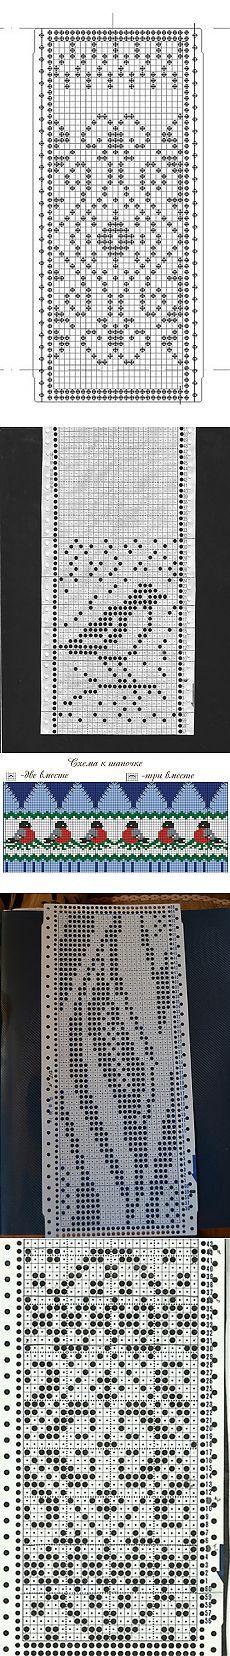 varfalameev73 — альбом «машинное вязание:карты,каталоги и пр... / жаккарды» на Яндекс.Фотках